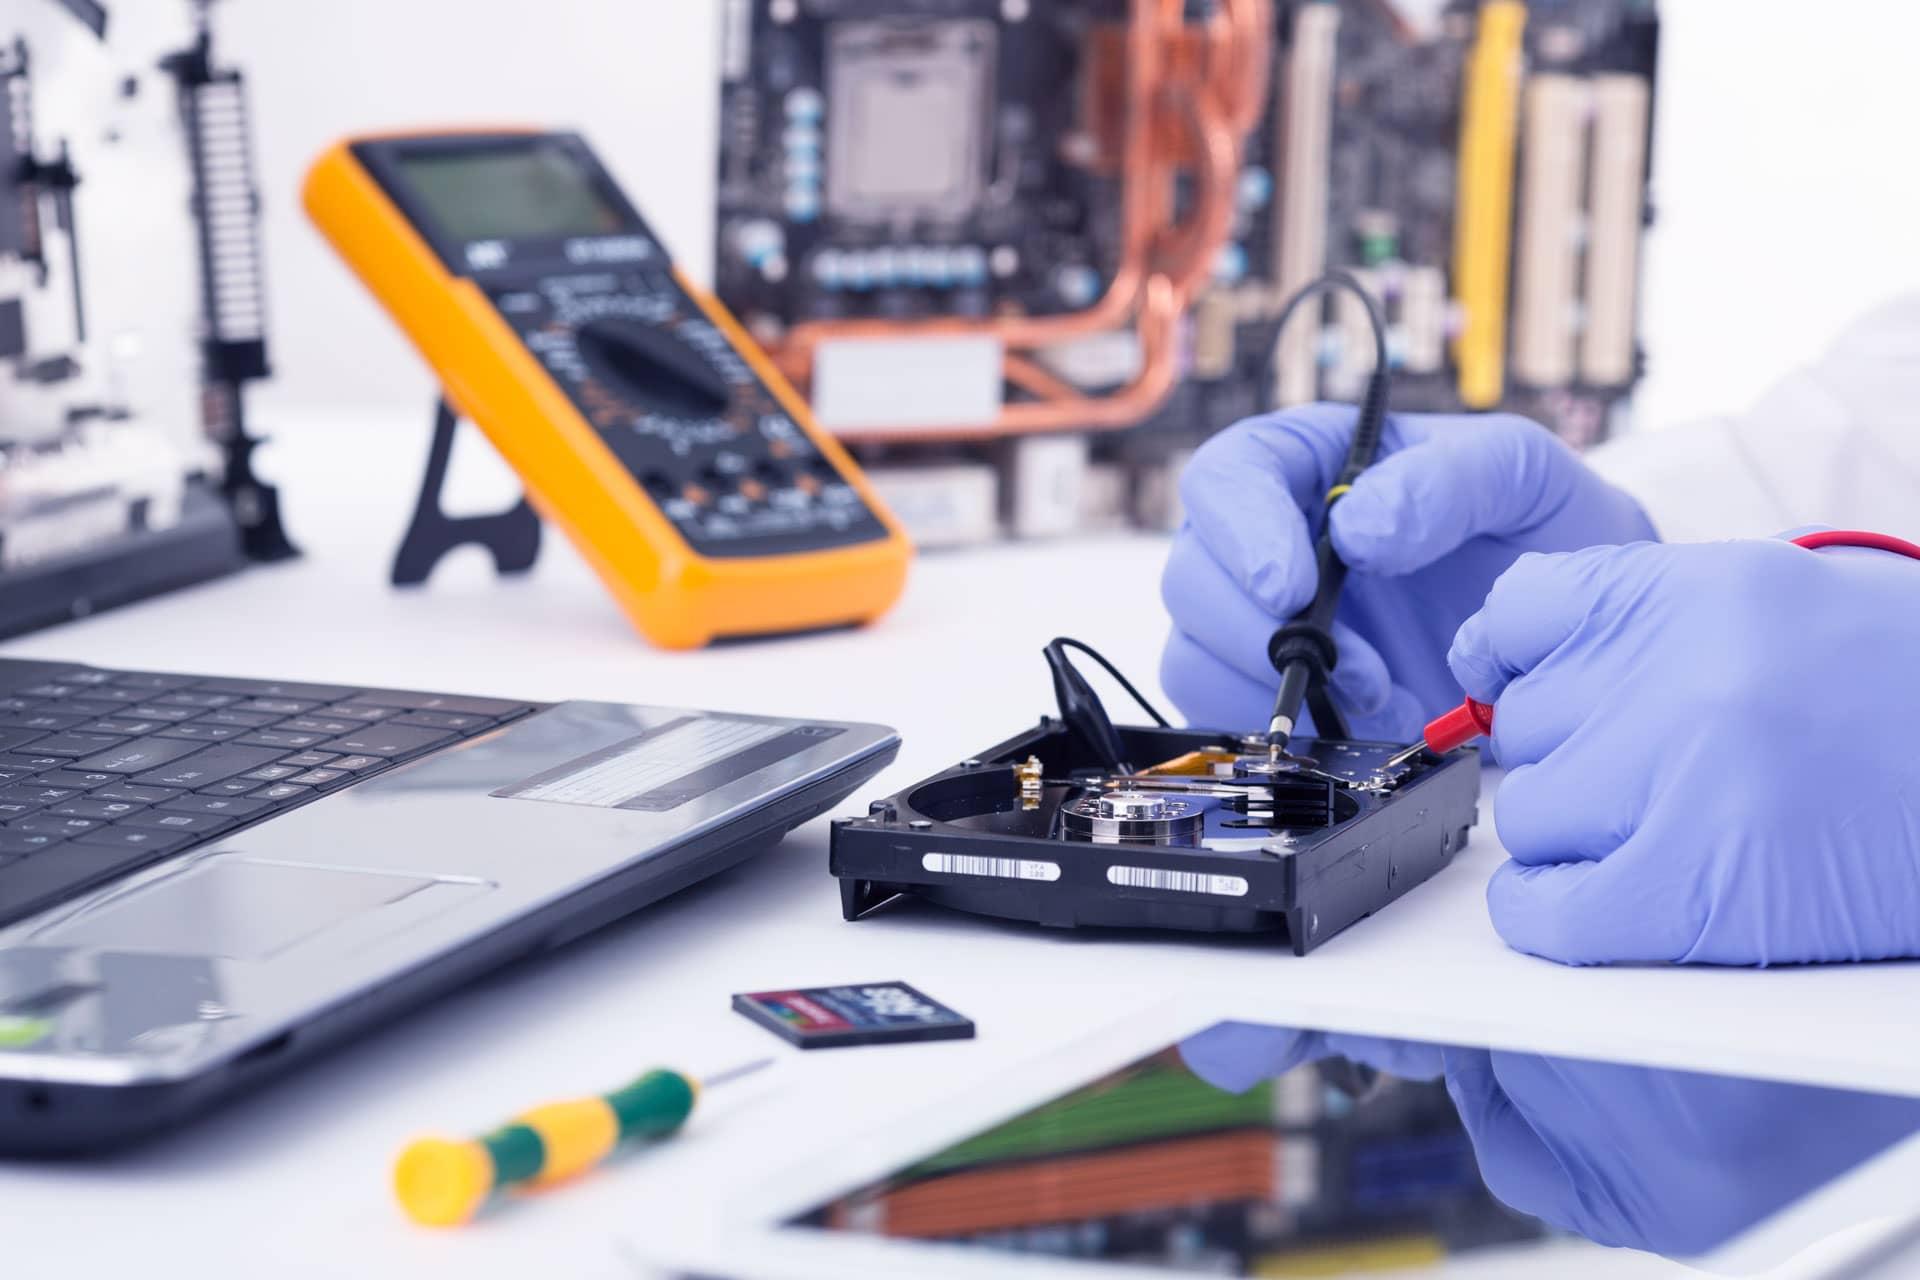 réparation d'ordinateurs aix en provence